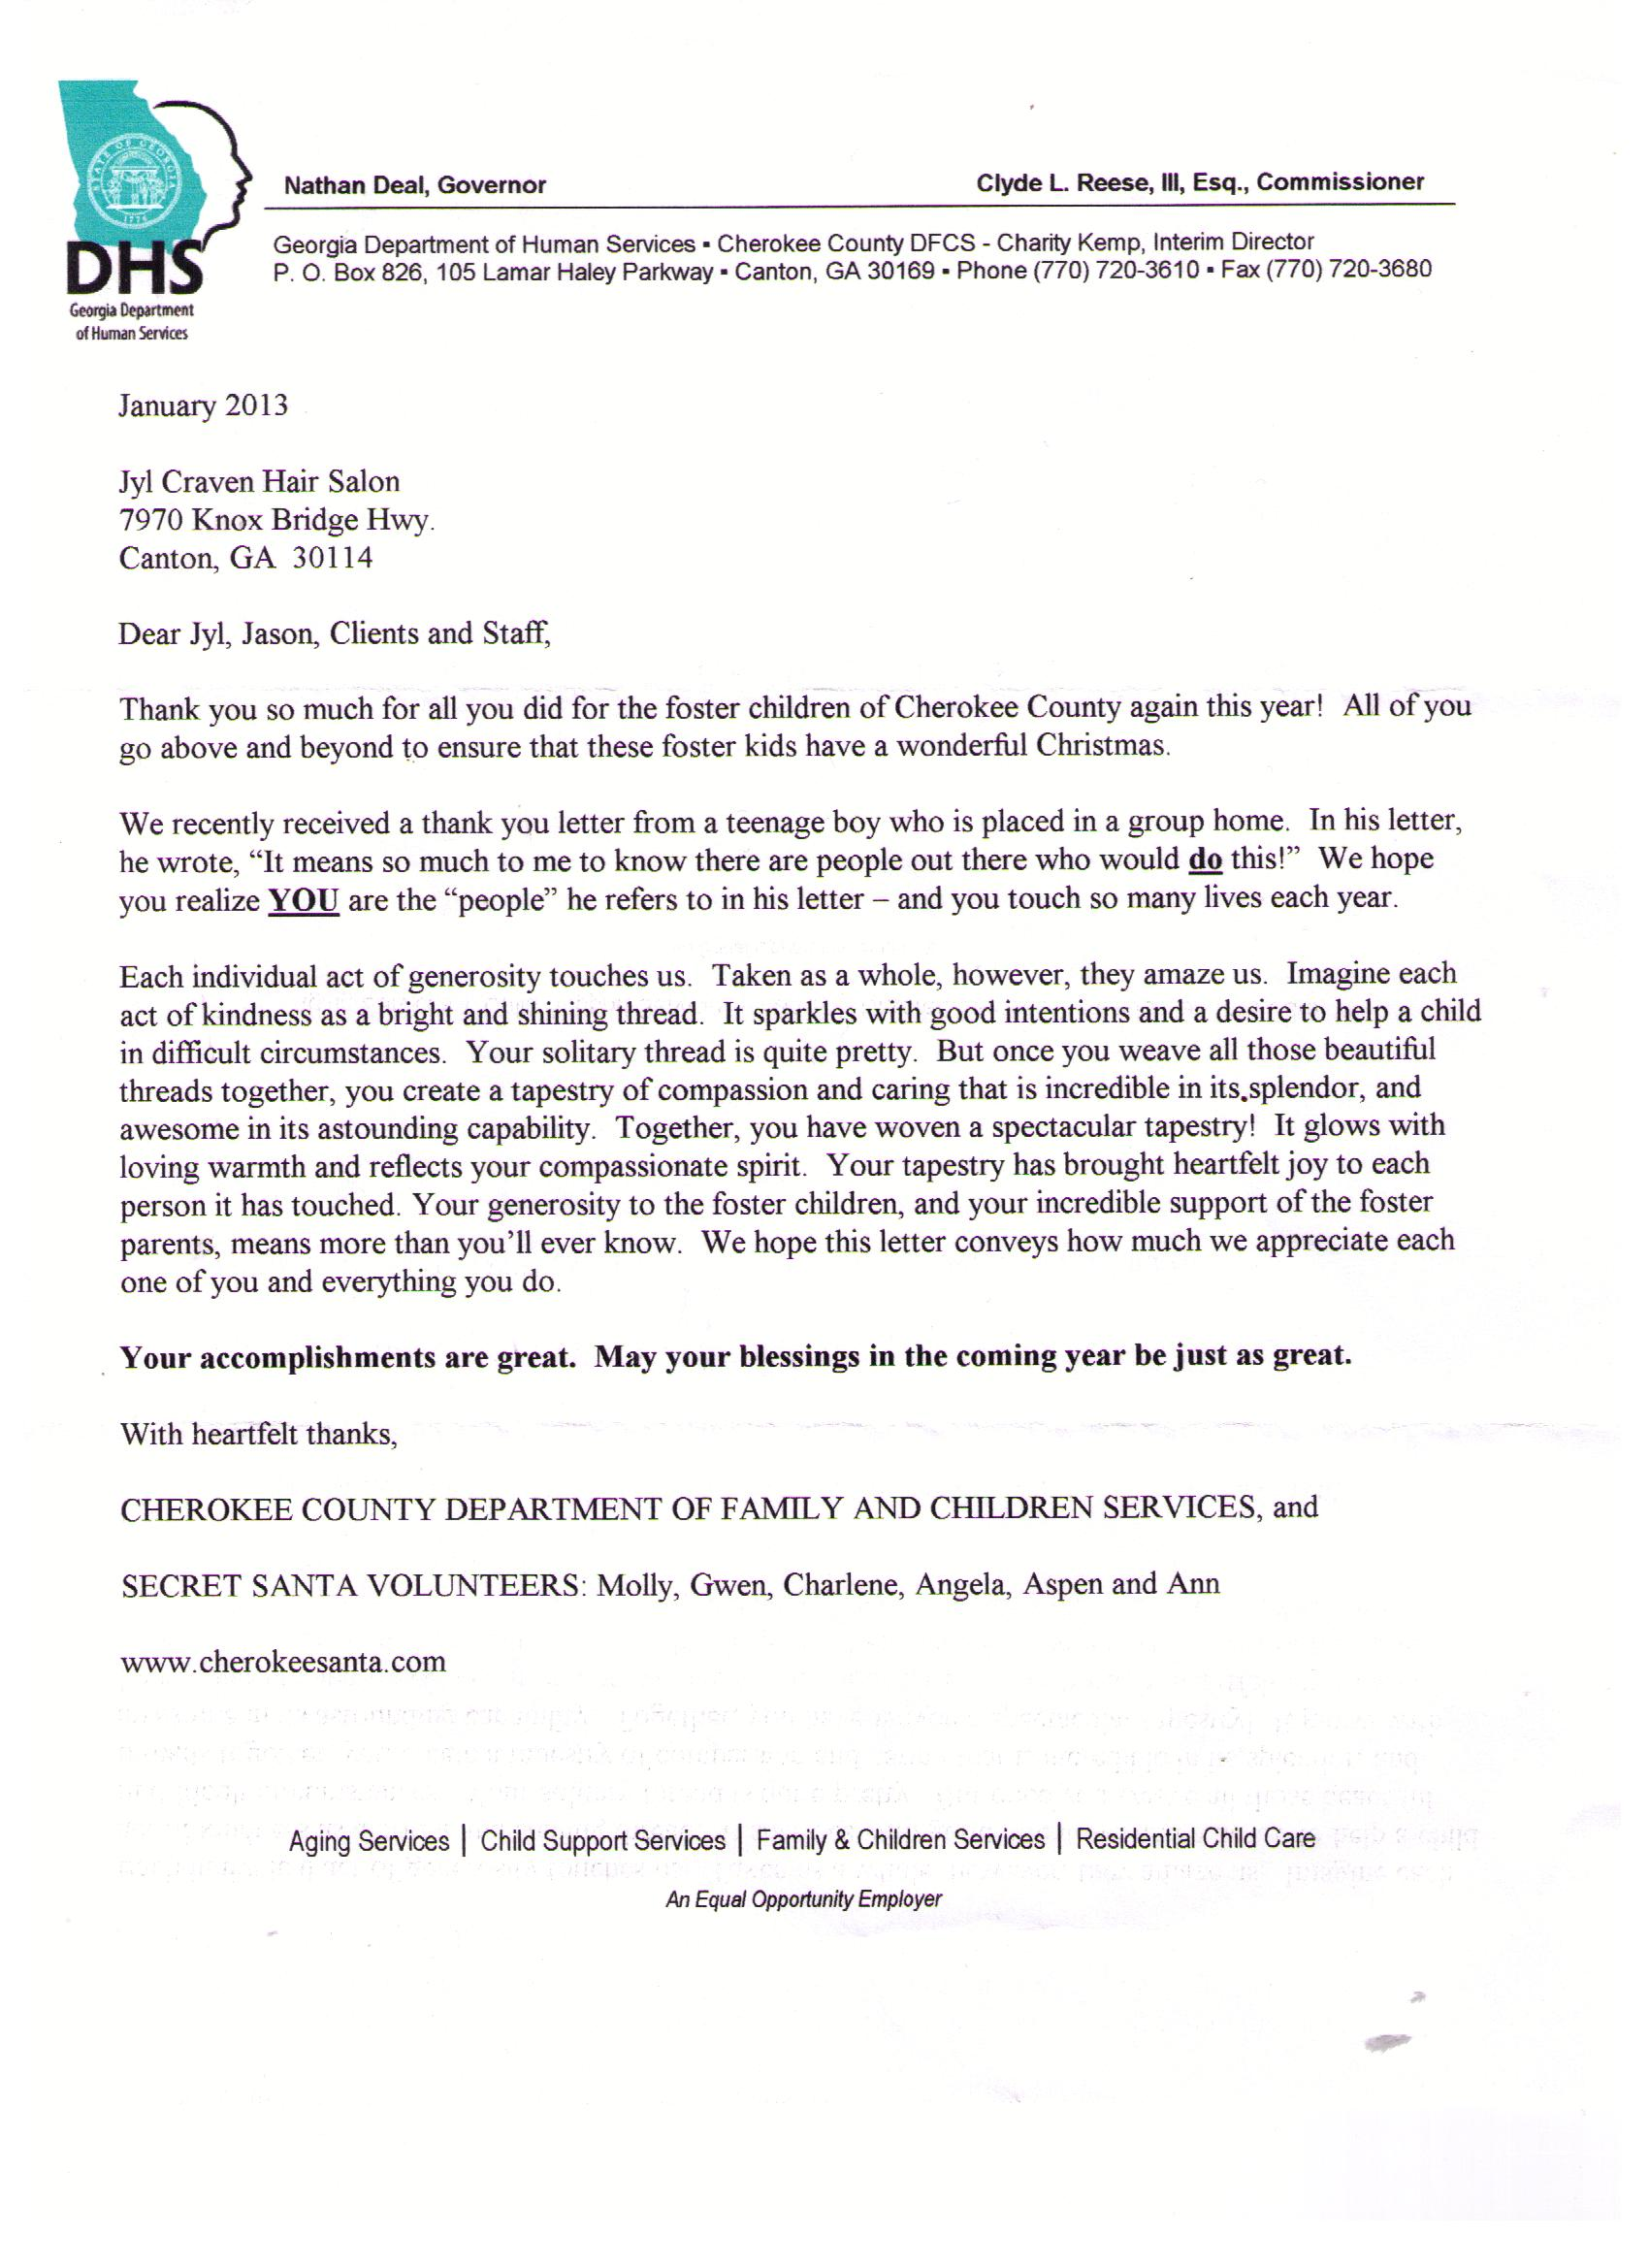 Super Awesome Secret Santa Letter Jyl Craven Hair Design